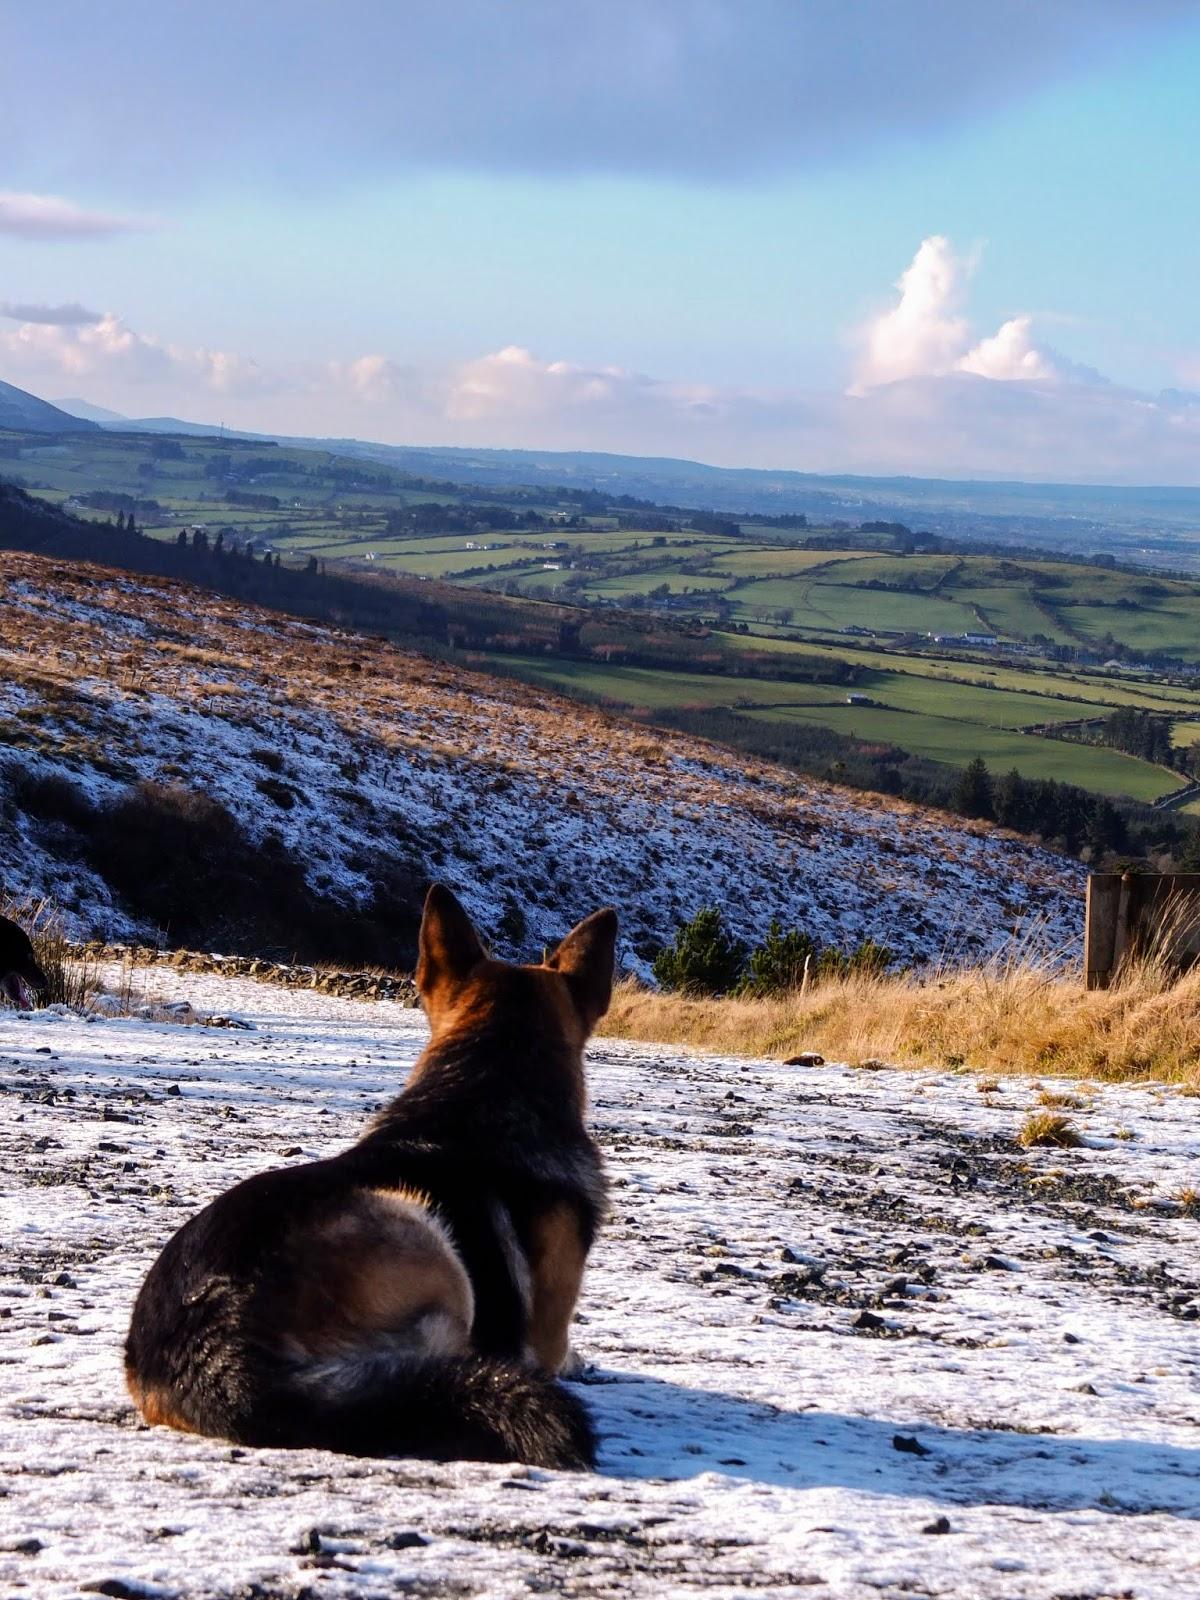 German Shepherd Steve lying on snowy ground looking down the valley.